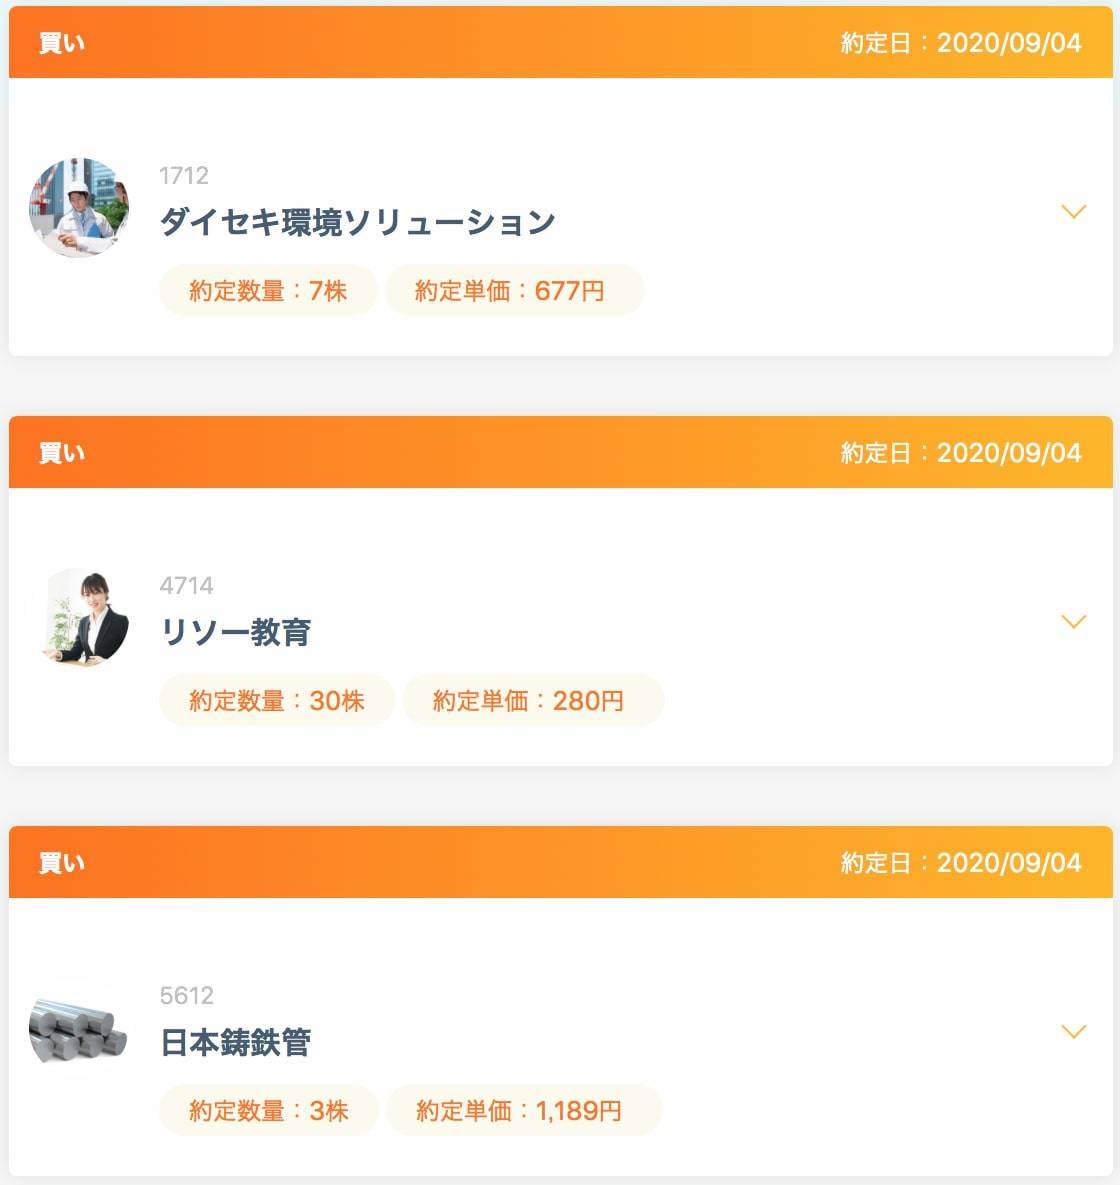 ネオモバ取引【2020年9月4日】リソー教育・日本鋳鉄管・ダイセキ環境Sを購入